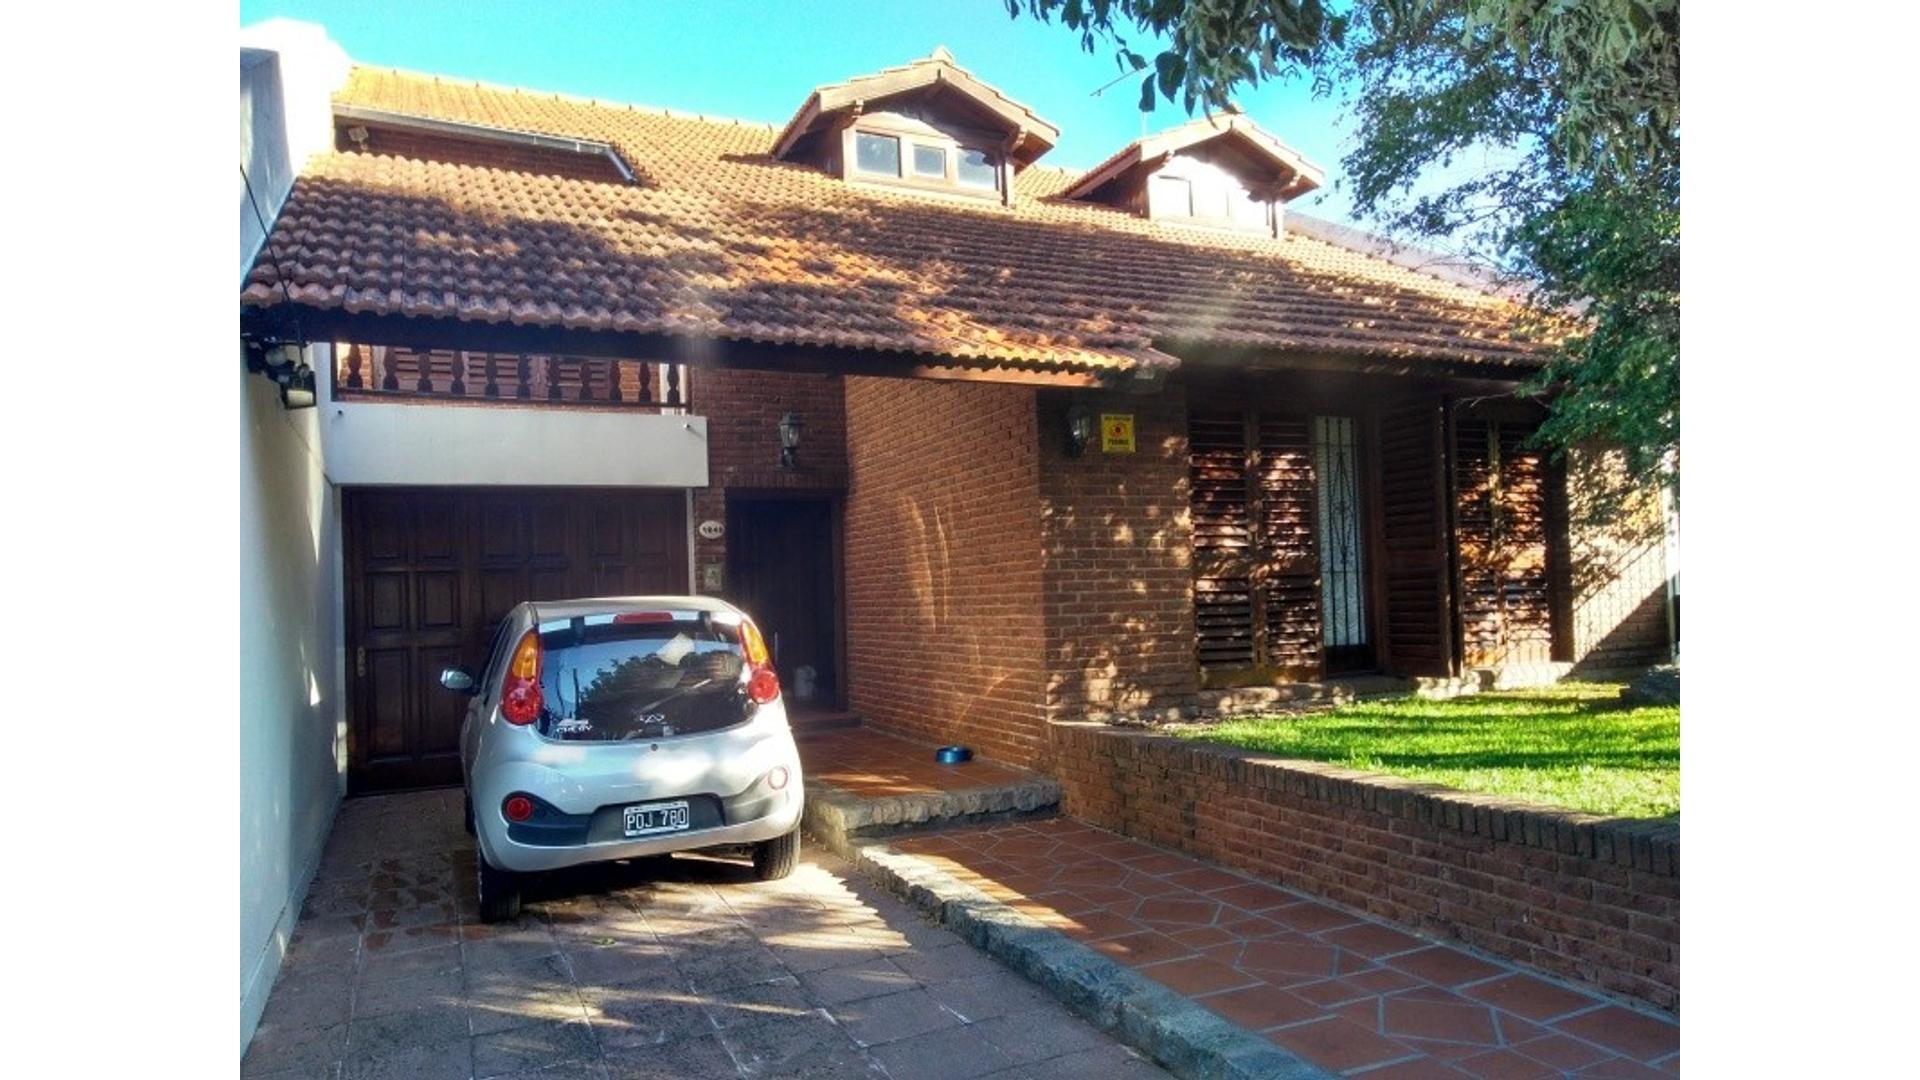 Chalet 4 amb, con gran jardín y garaje pasante. Zona Constitución